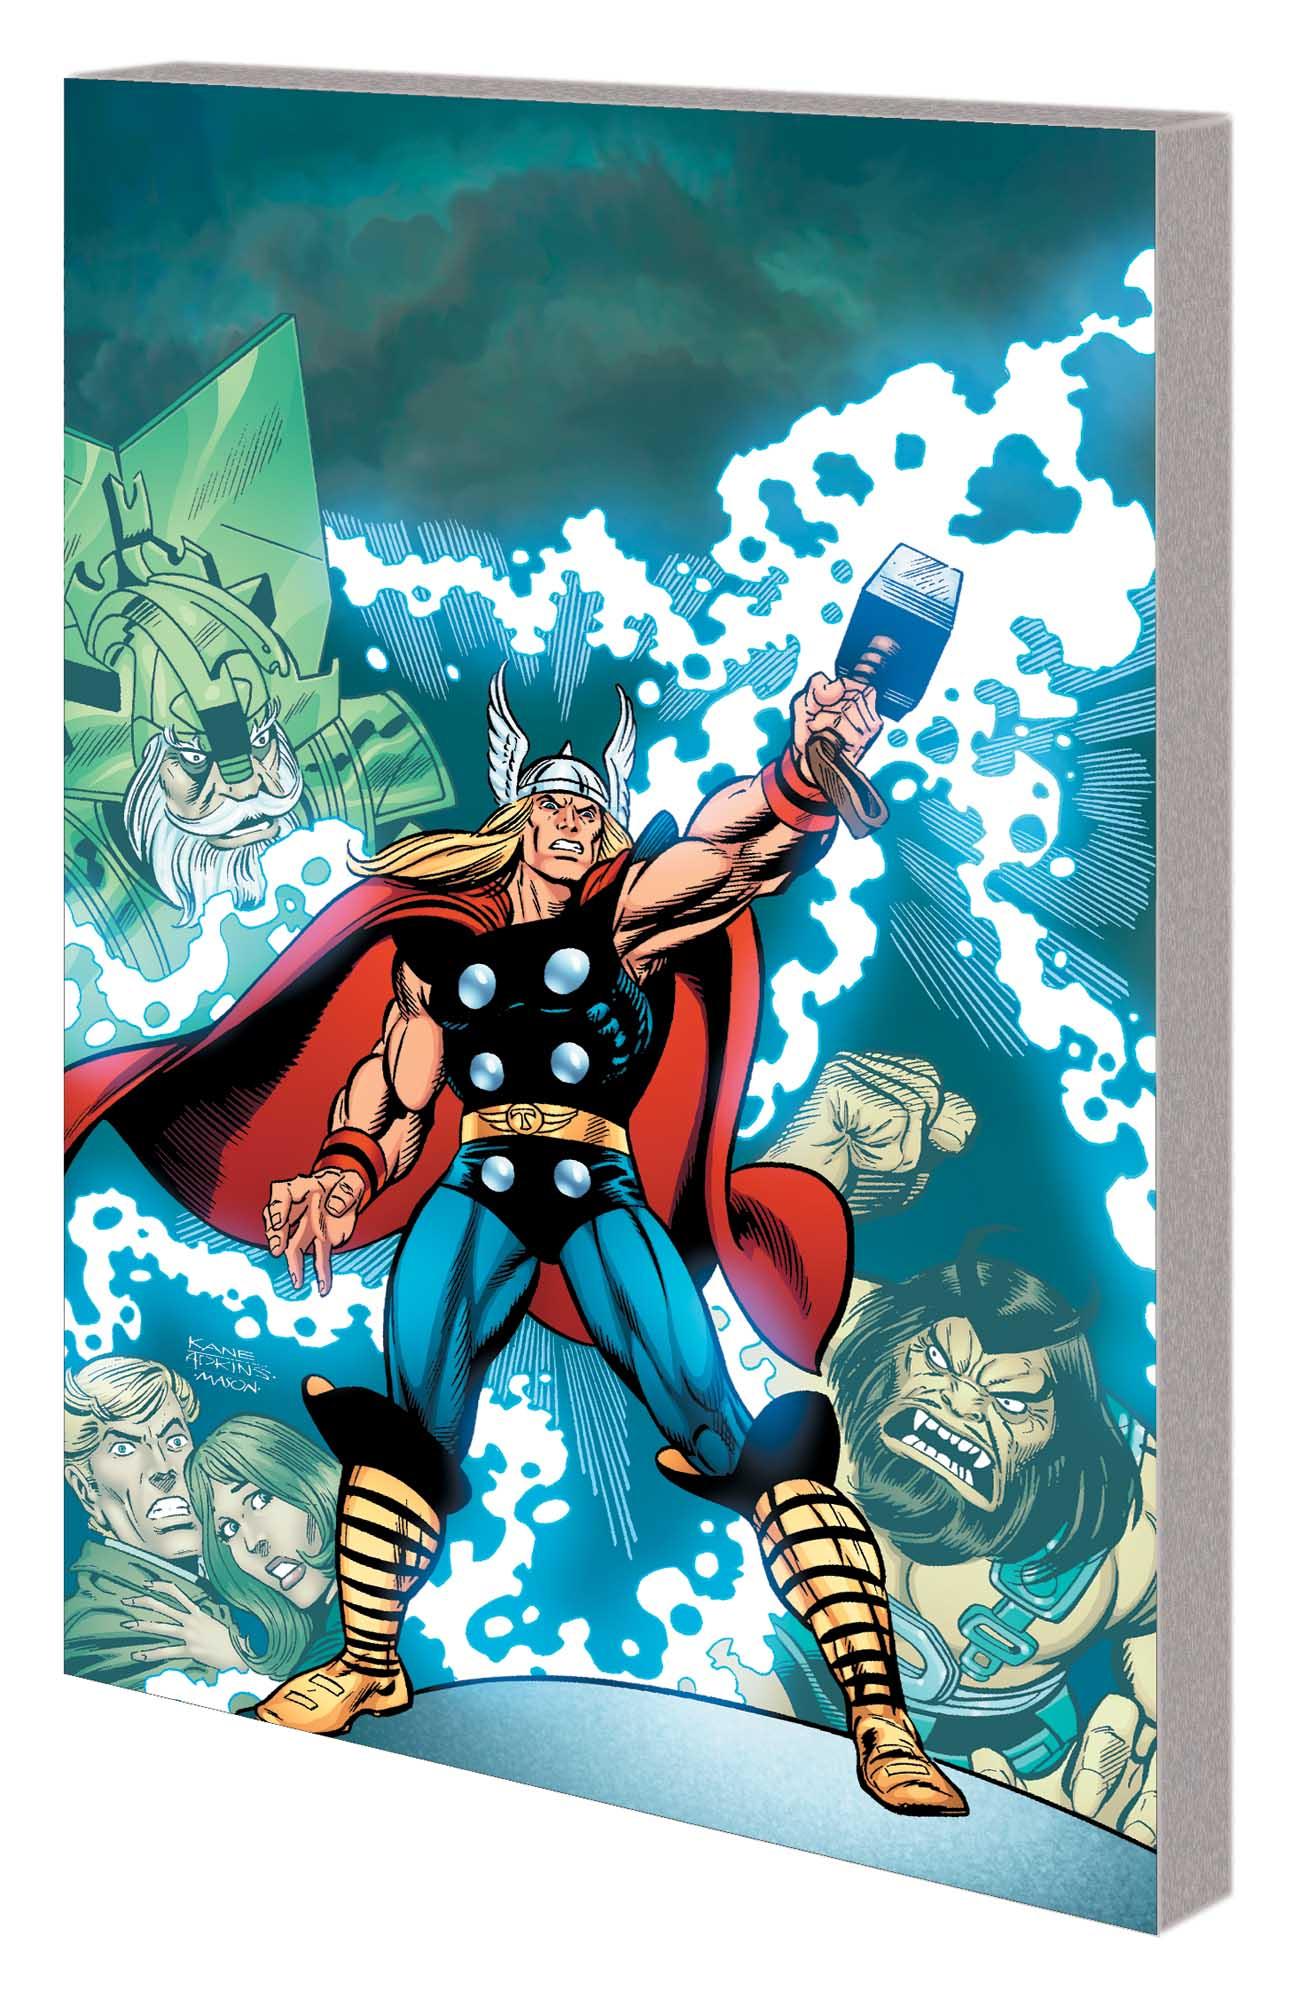 Essential Thor Vol. 6 (Trade Paperback)